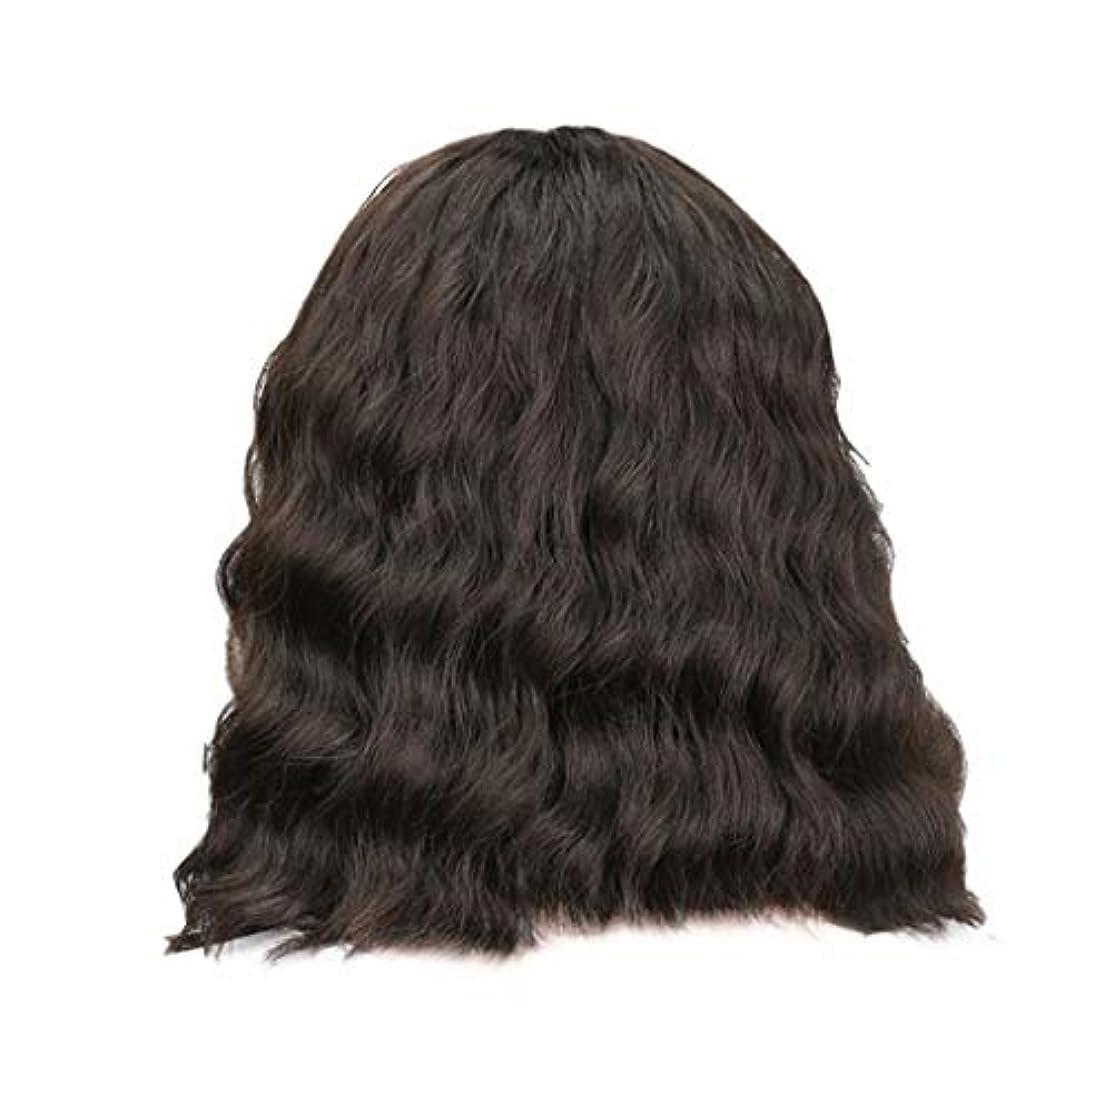 炭素パキスタン主婦女性の黒の短い巻き毛のかつらボブ波かつらローズネット34 cm